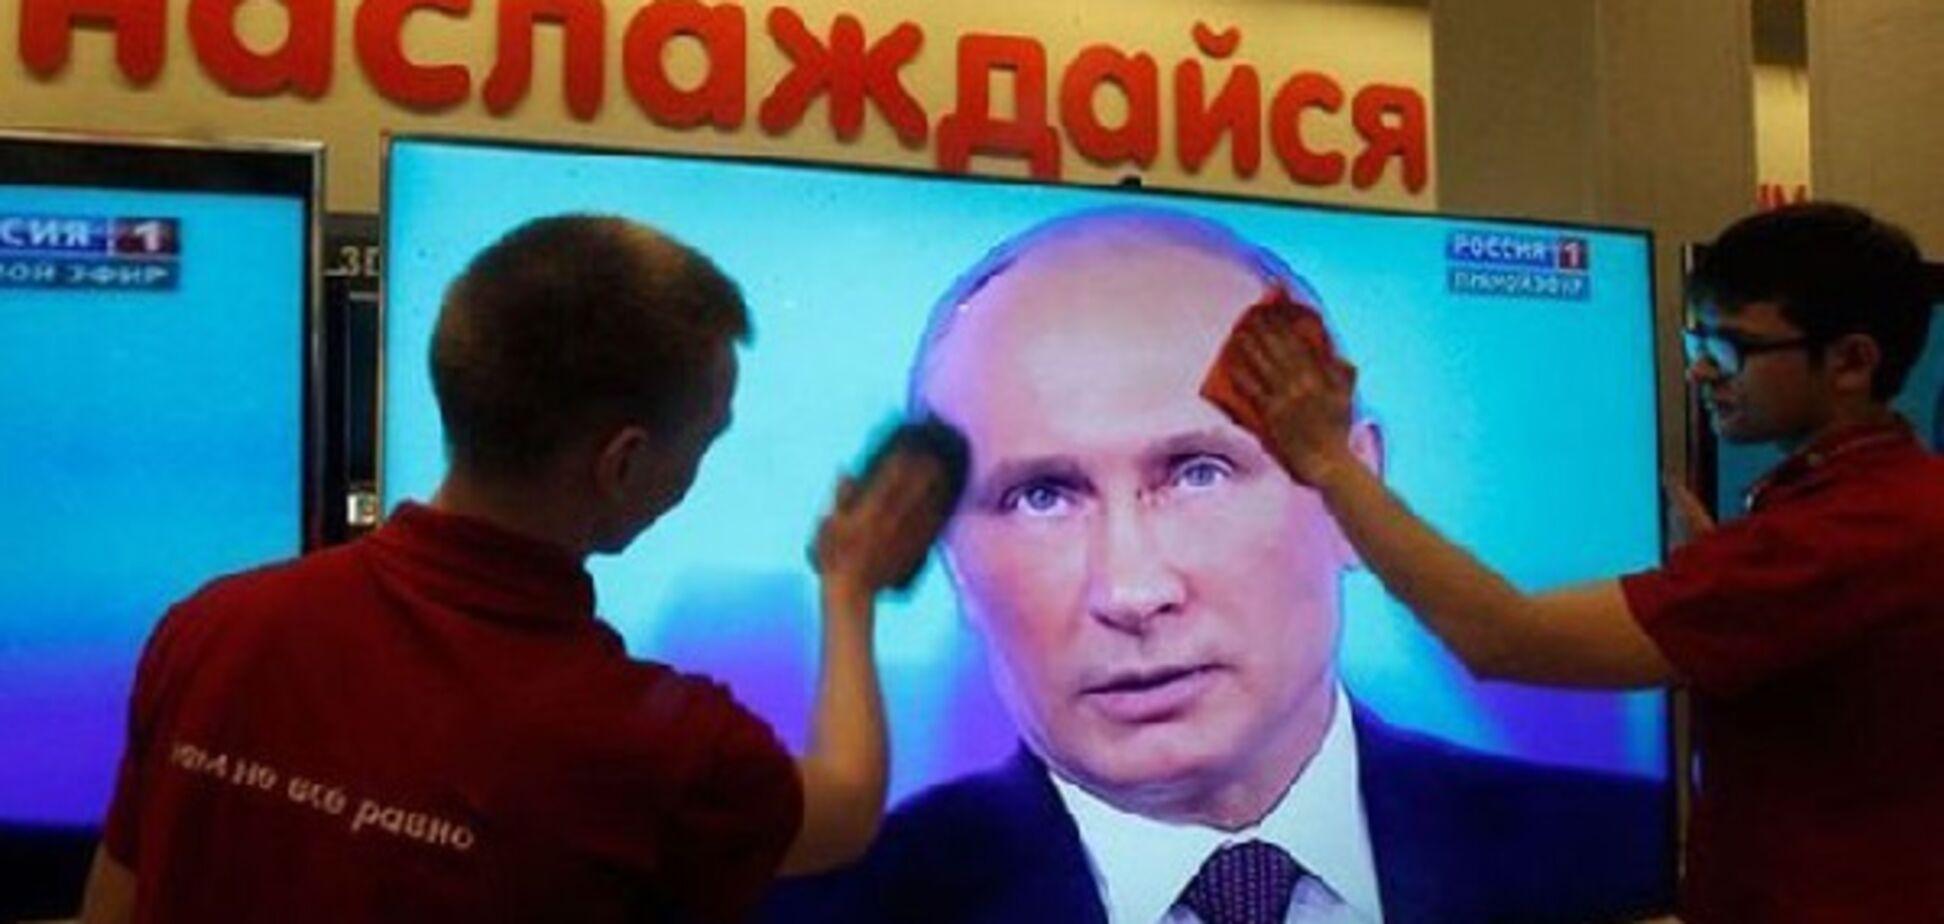 Россияне, пока еще 'все хорошо, у нас все есть'. В 2018-м это 'всё' закончится